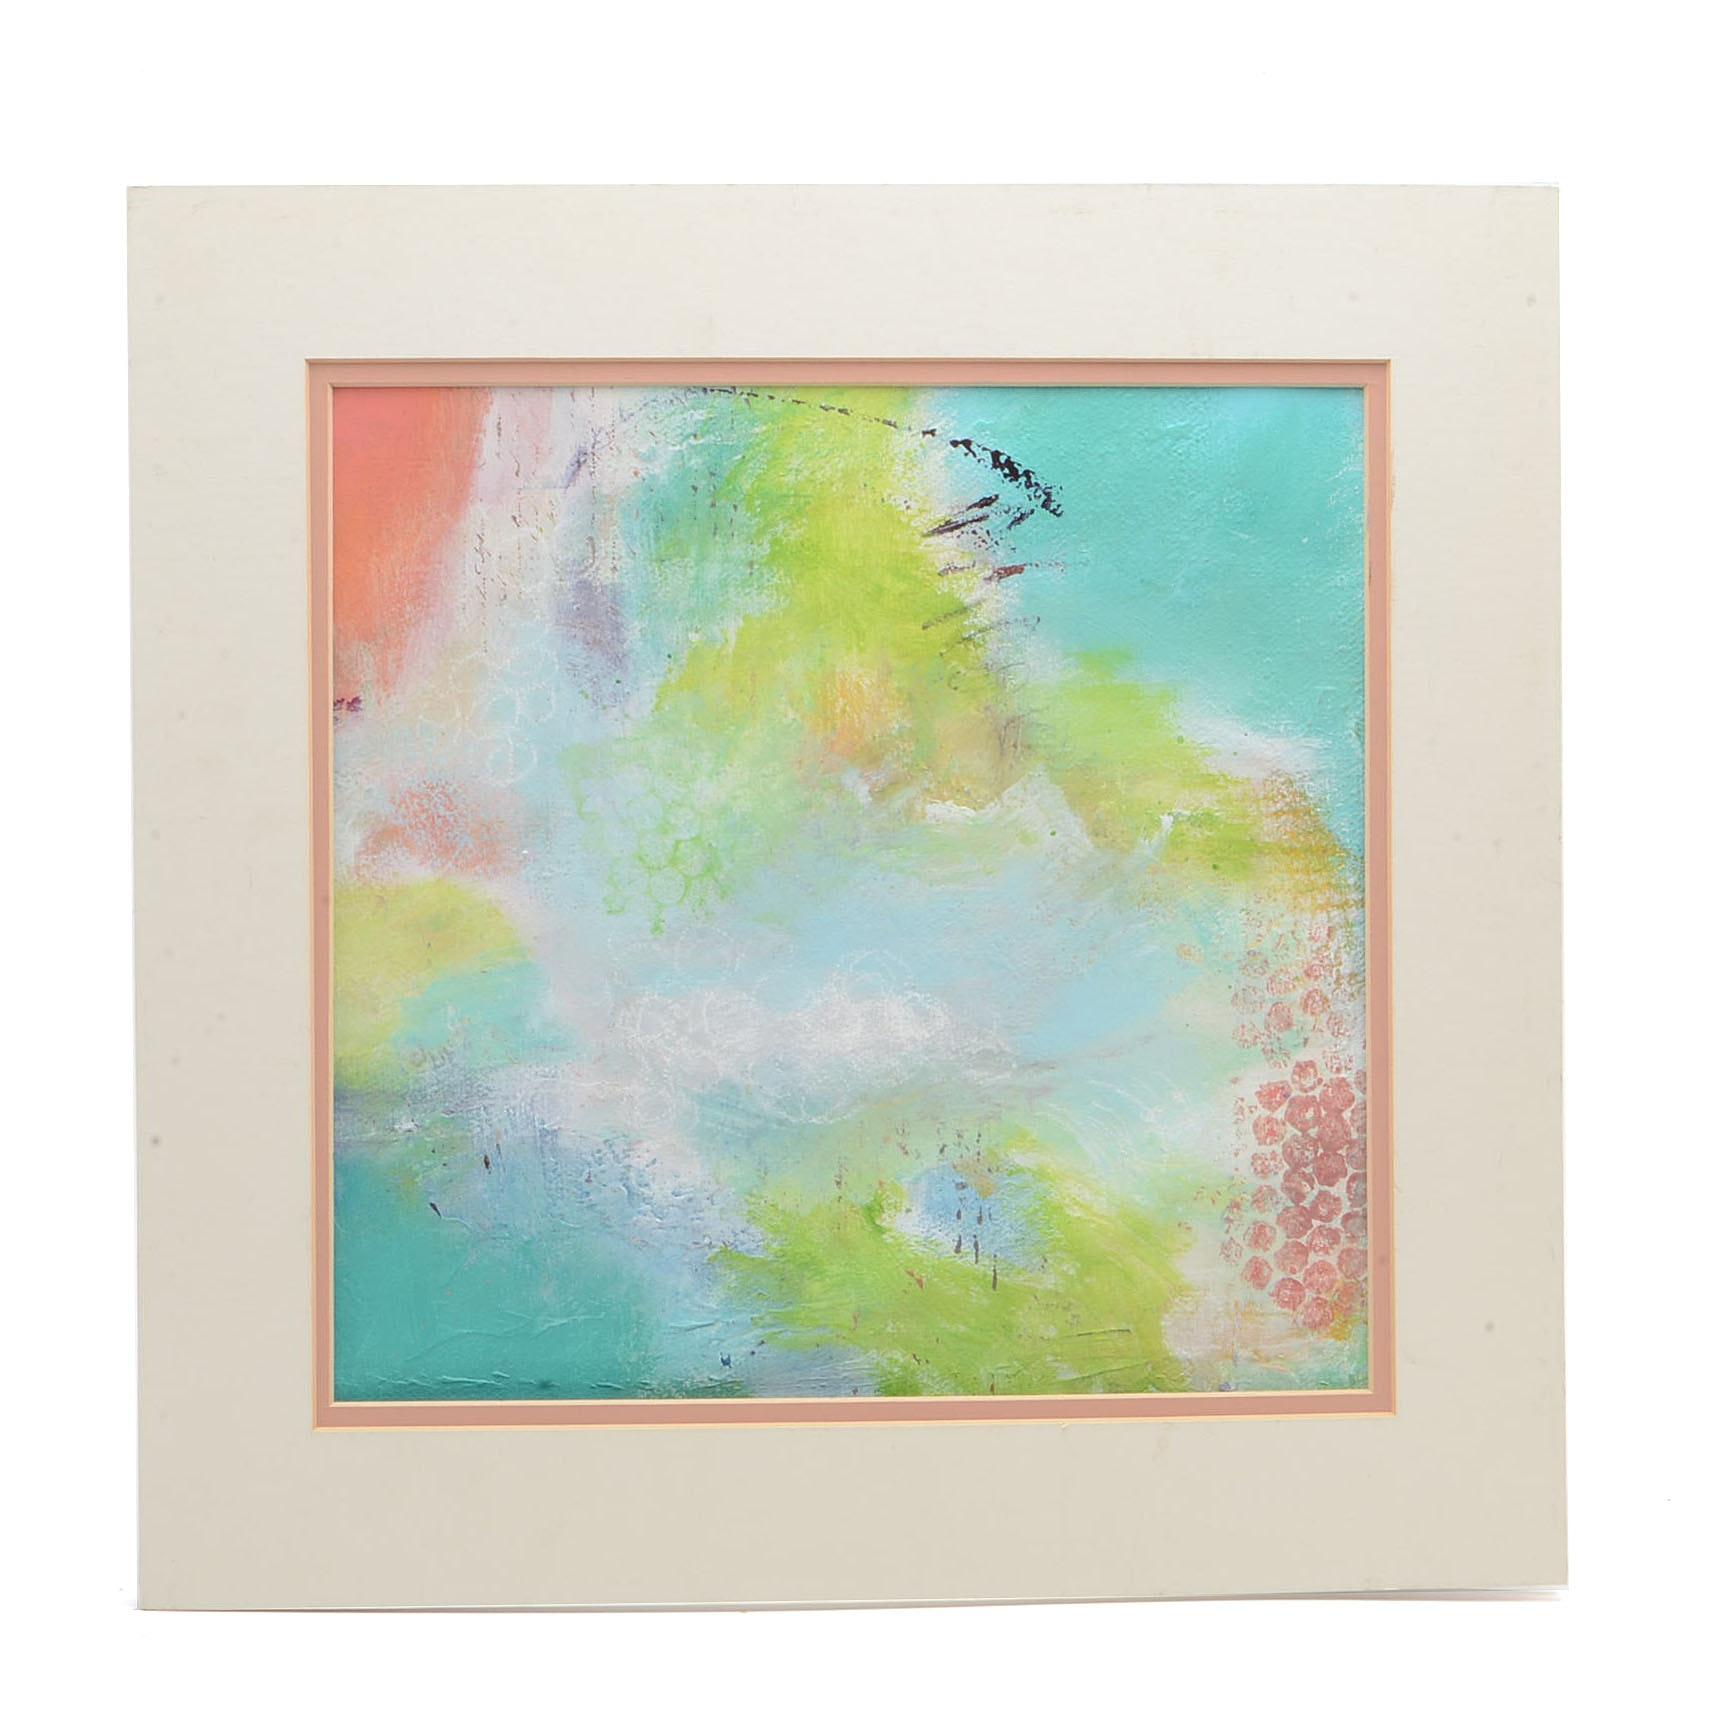 """Original Abstract Mixed Media Painting """"Pastel Abstract"""""""